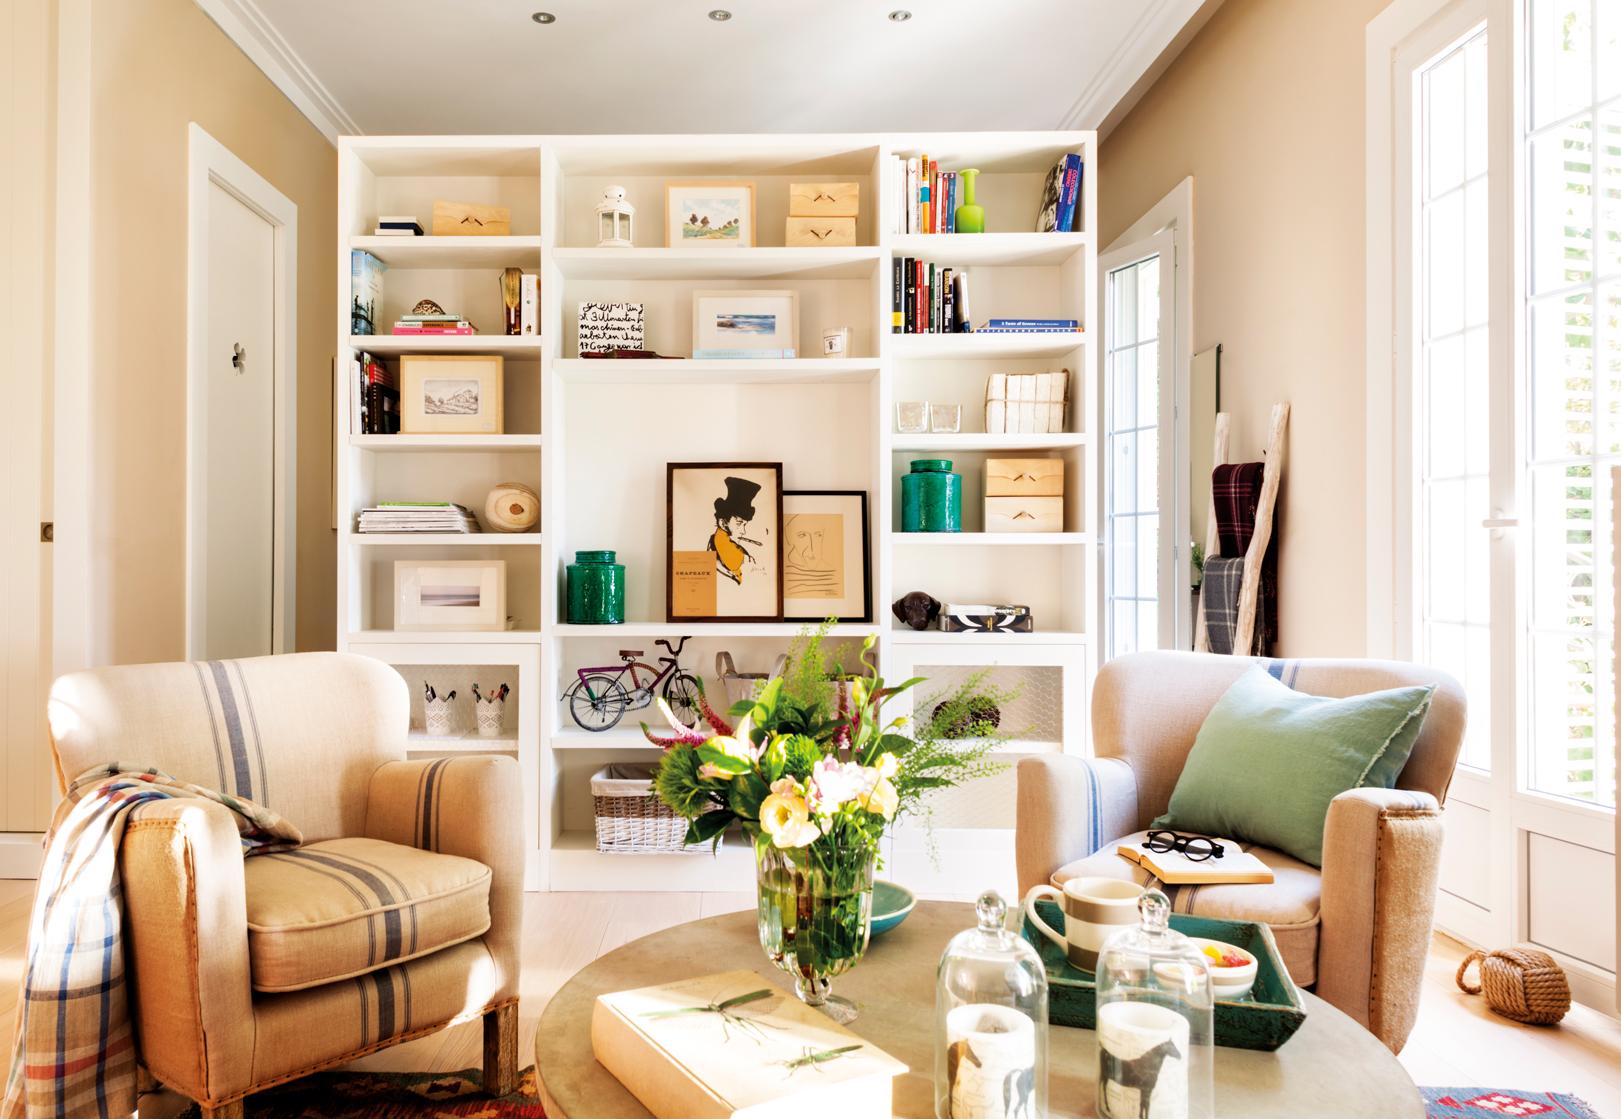 Muebles vers tiles con doble funci n ideales para espacios - Mesita de salon ...